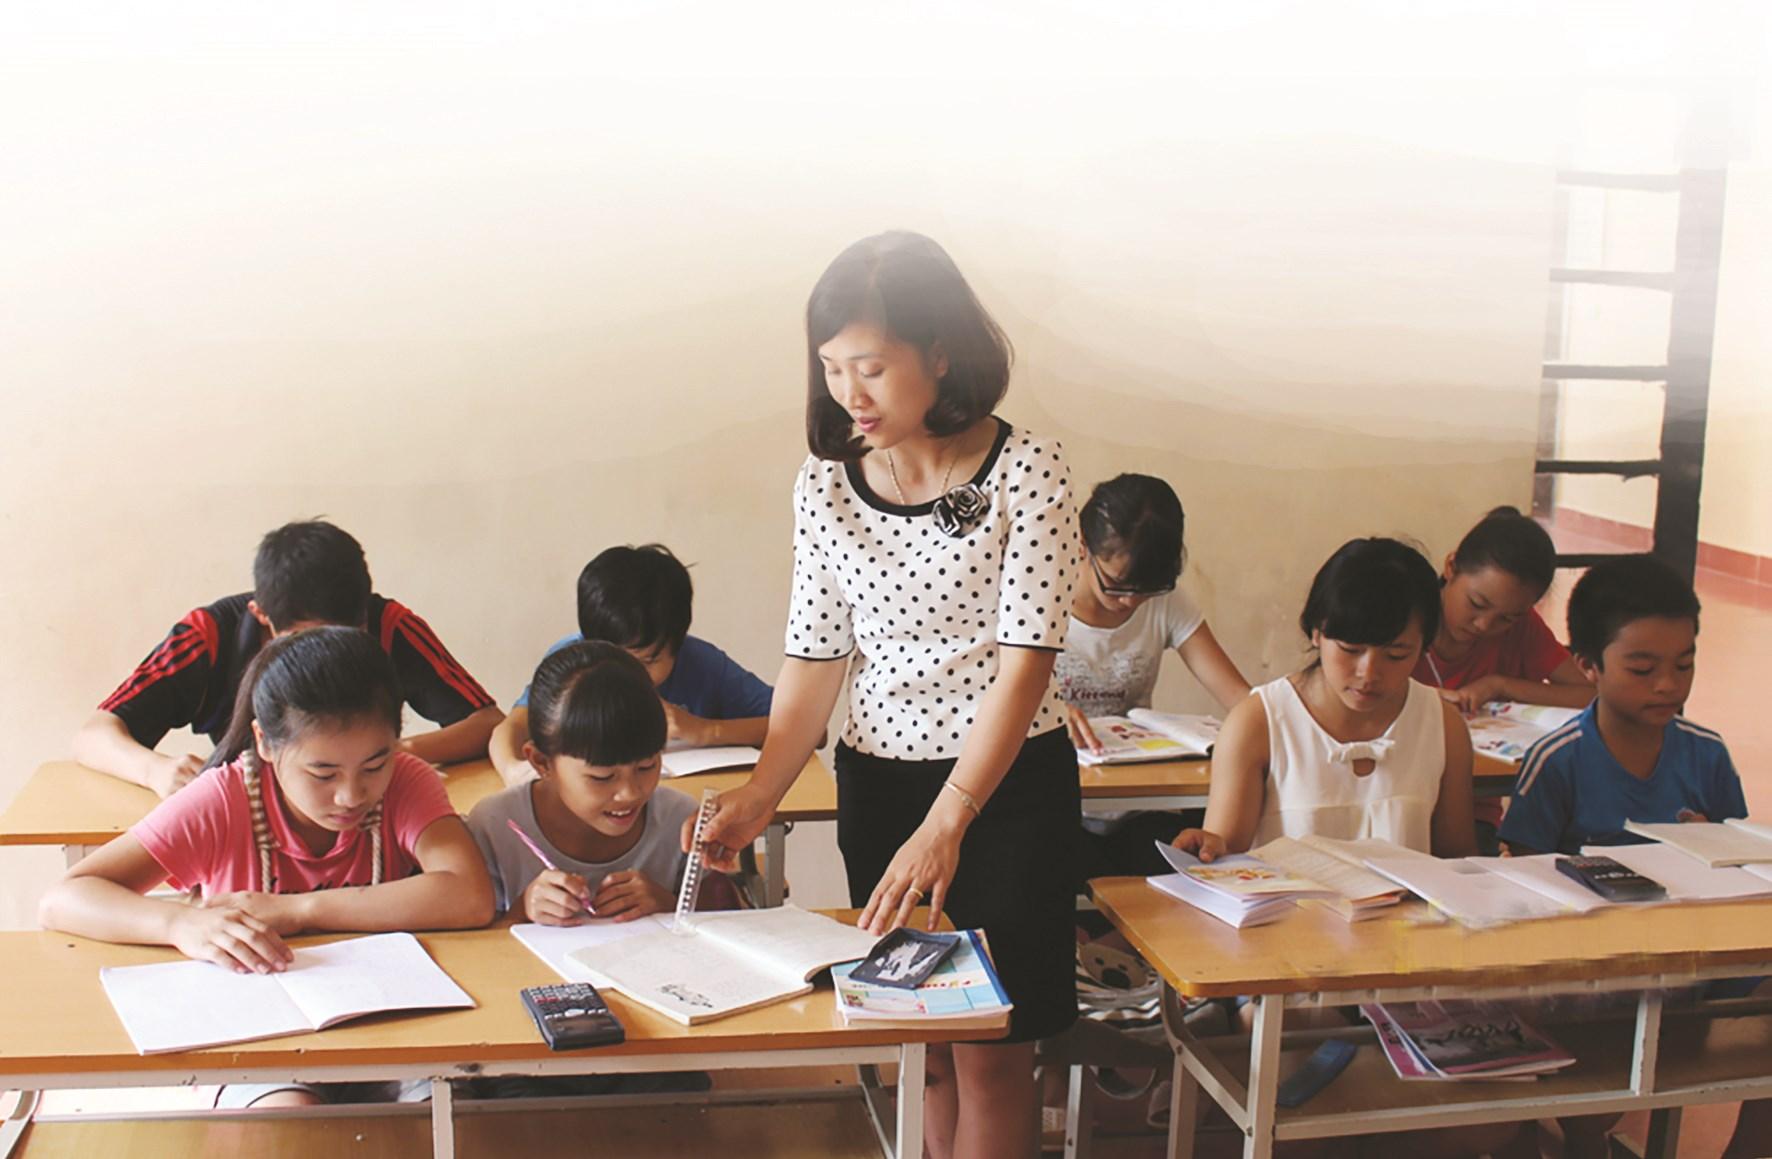 Ở Trung tâm Bảo trợ xã hội tỉnh Điện Biên, các em nhỏ được học hành, giáo dục để trở thành người có ích cho xã hội